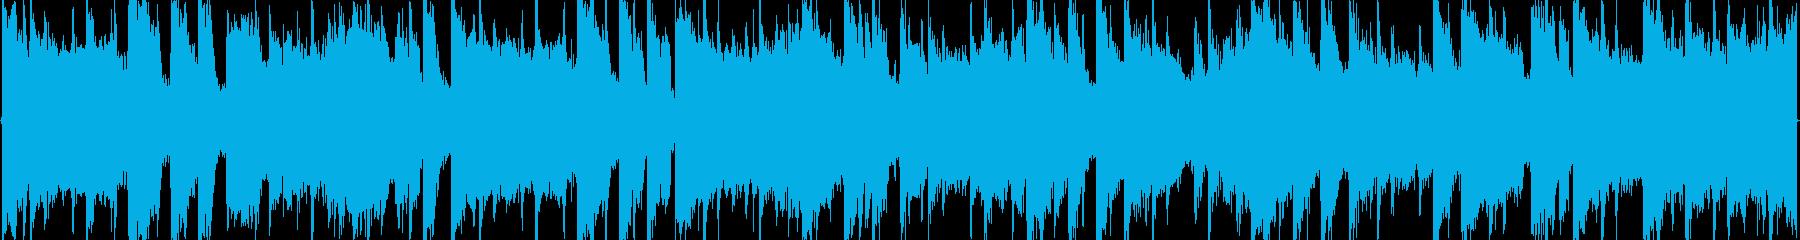 シンセリードをフィーチャーした楽曲の再生済みの波形